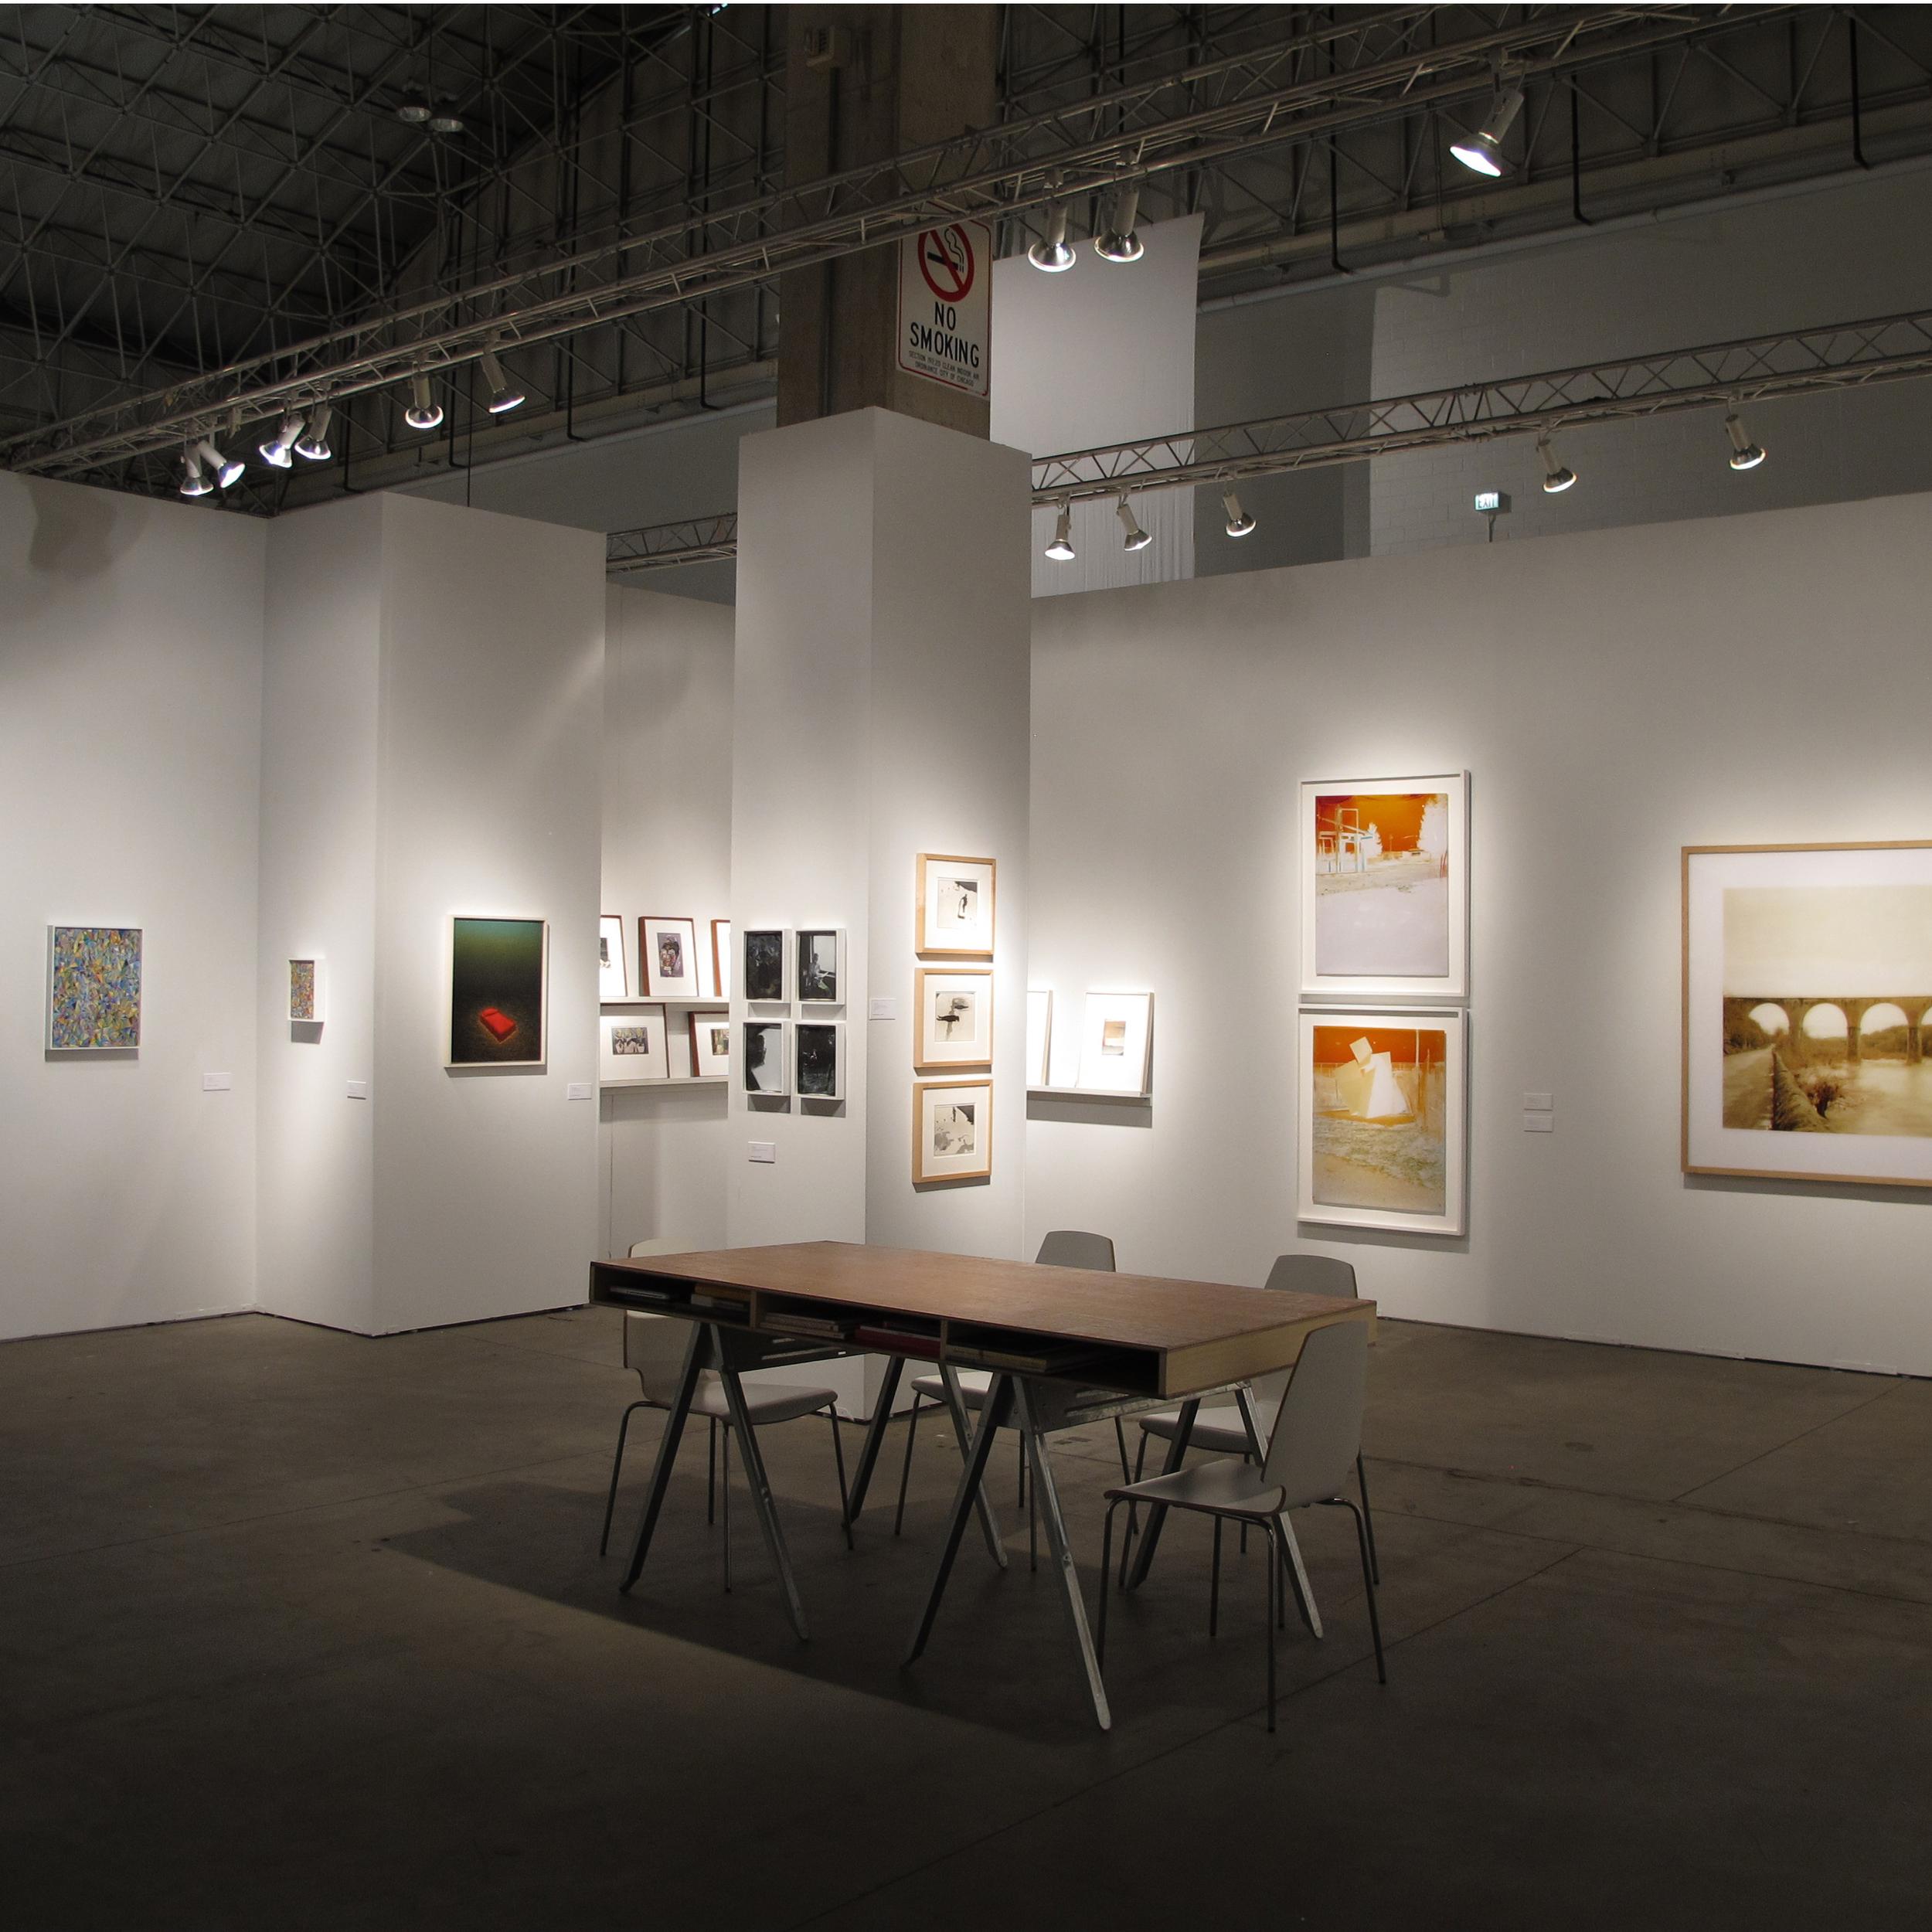 Expo Chicago, 2015